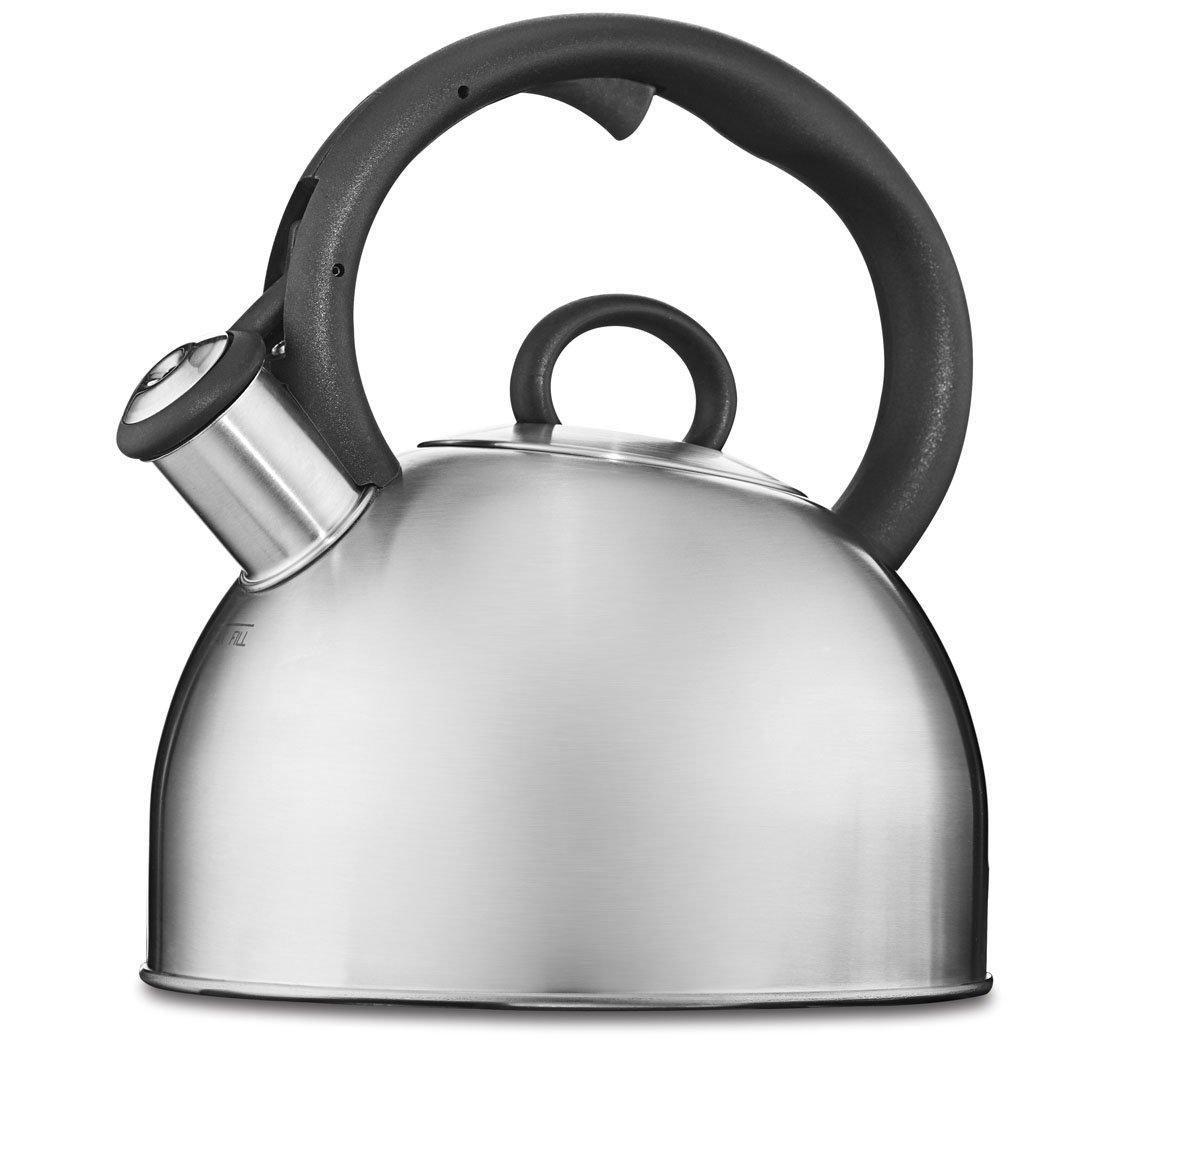 amazoncom cuisinart ctkss aura stainless steel stovetop  - amazoncom cuisinart ctkss aura stainless steel stovetop teakettleqt tea kettle kitchen  dining